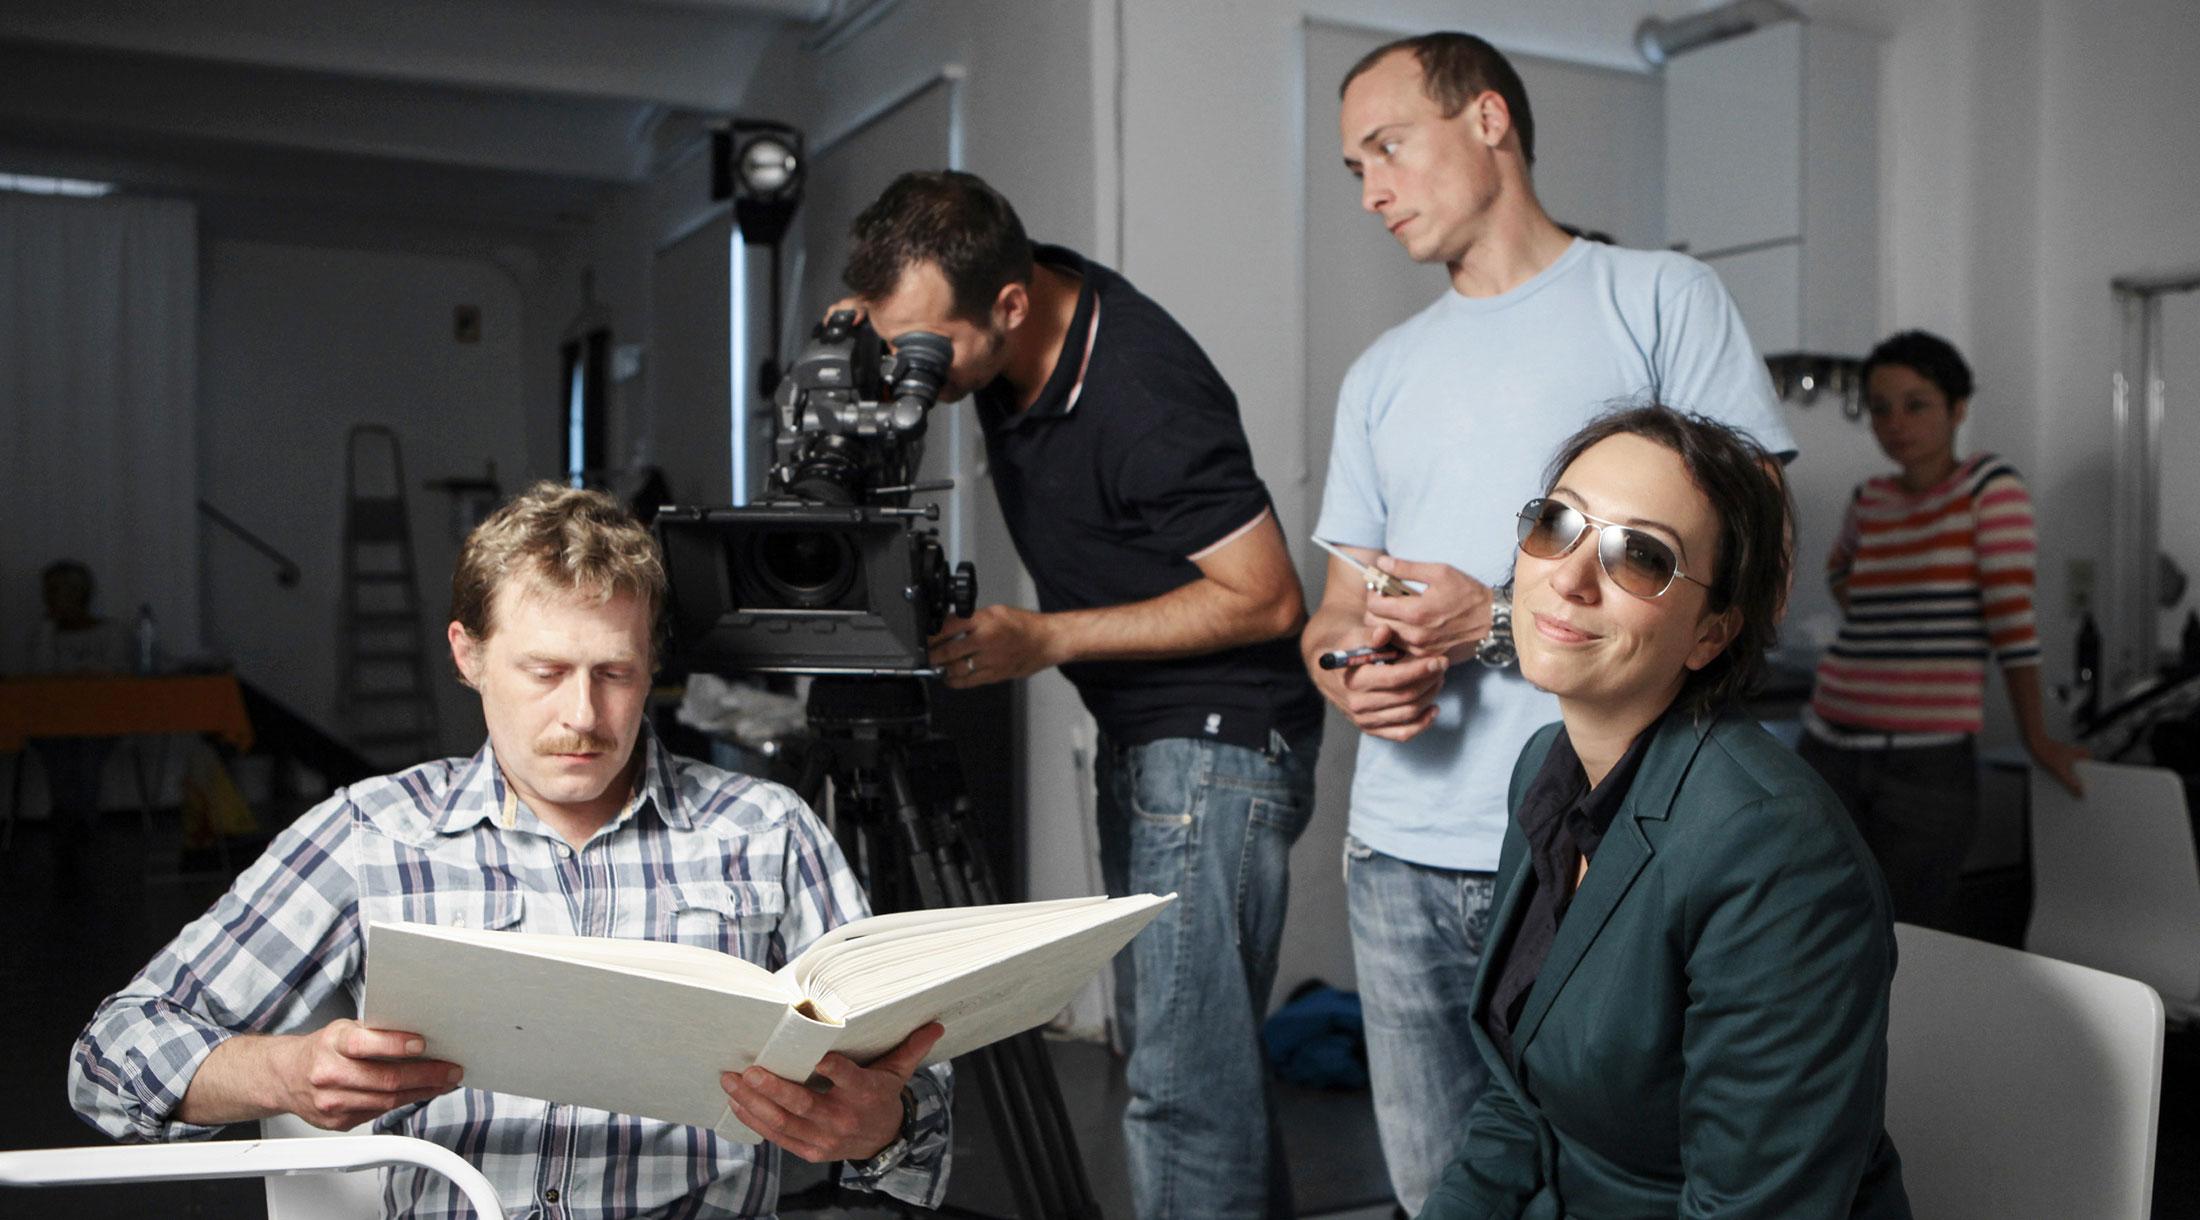 Rent-Studio Wien für Fotografie, Film, Castings, Coachings, Workshops: FOTOLOFT WIEN